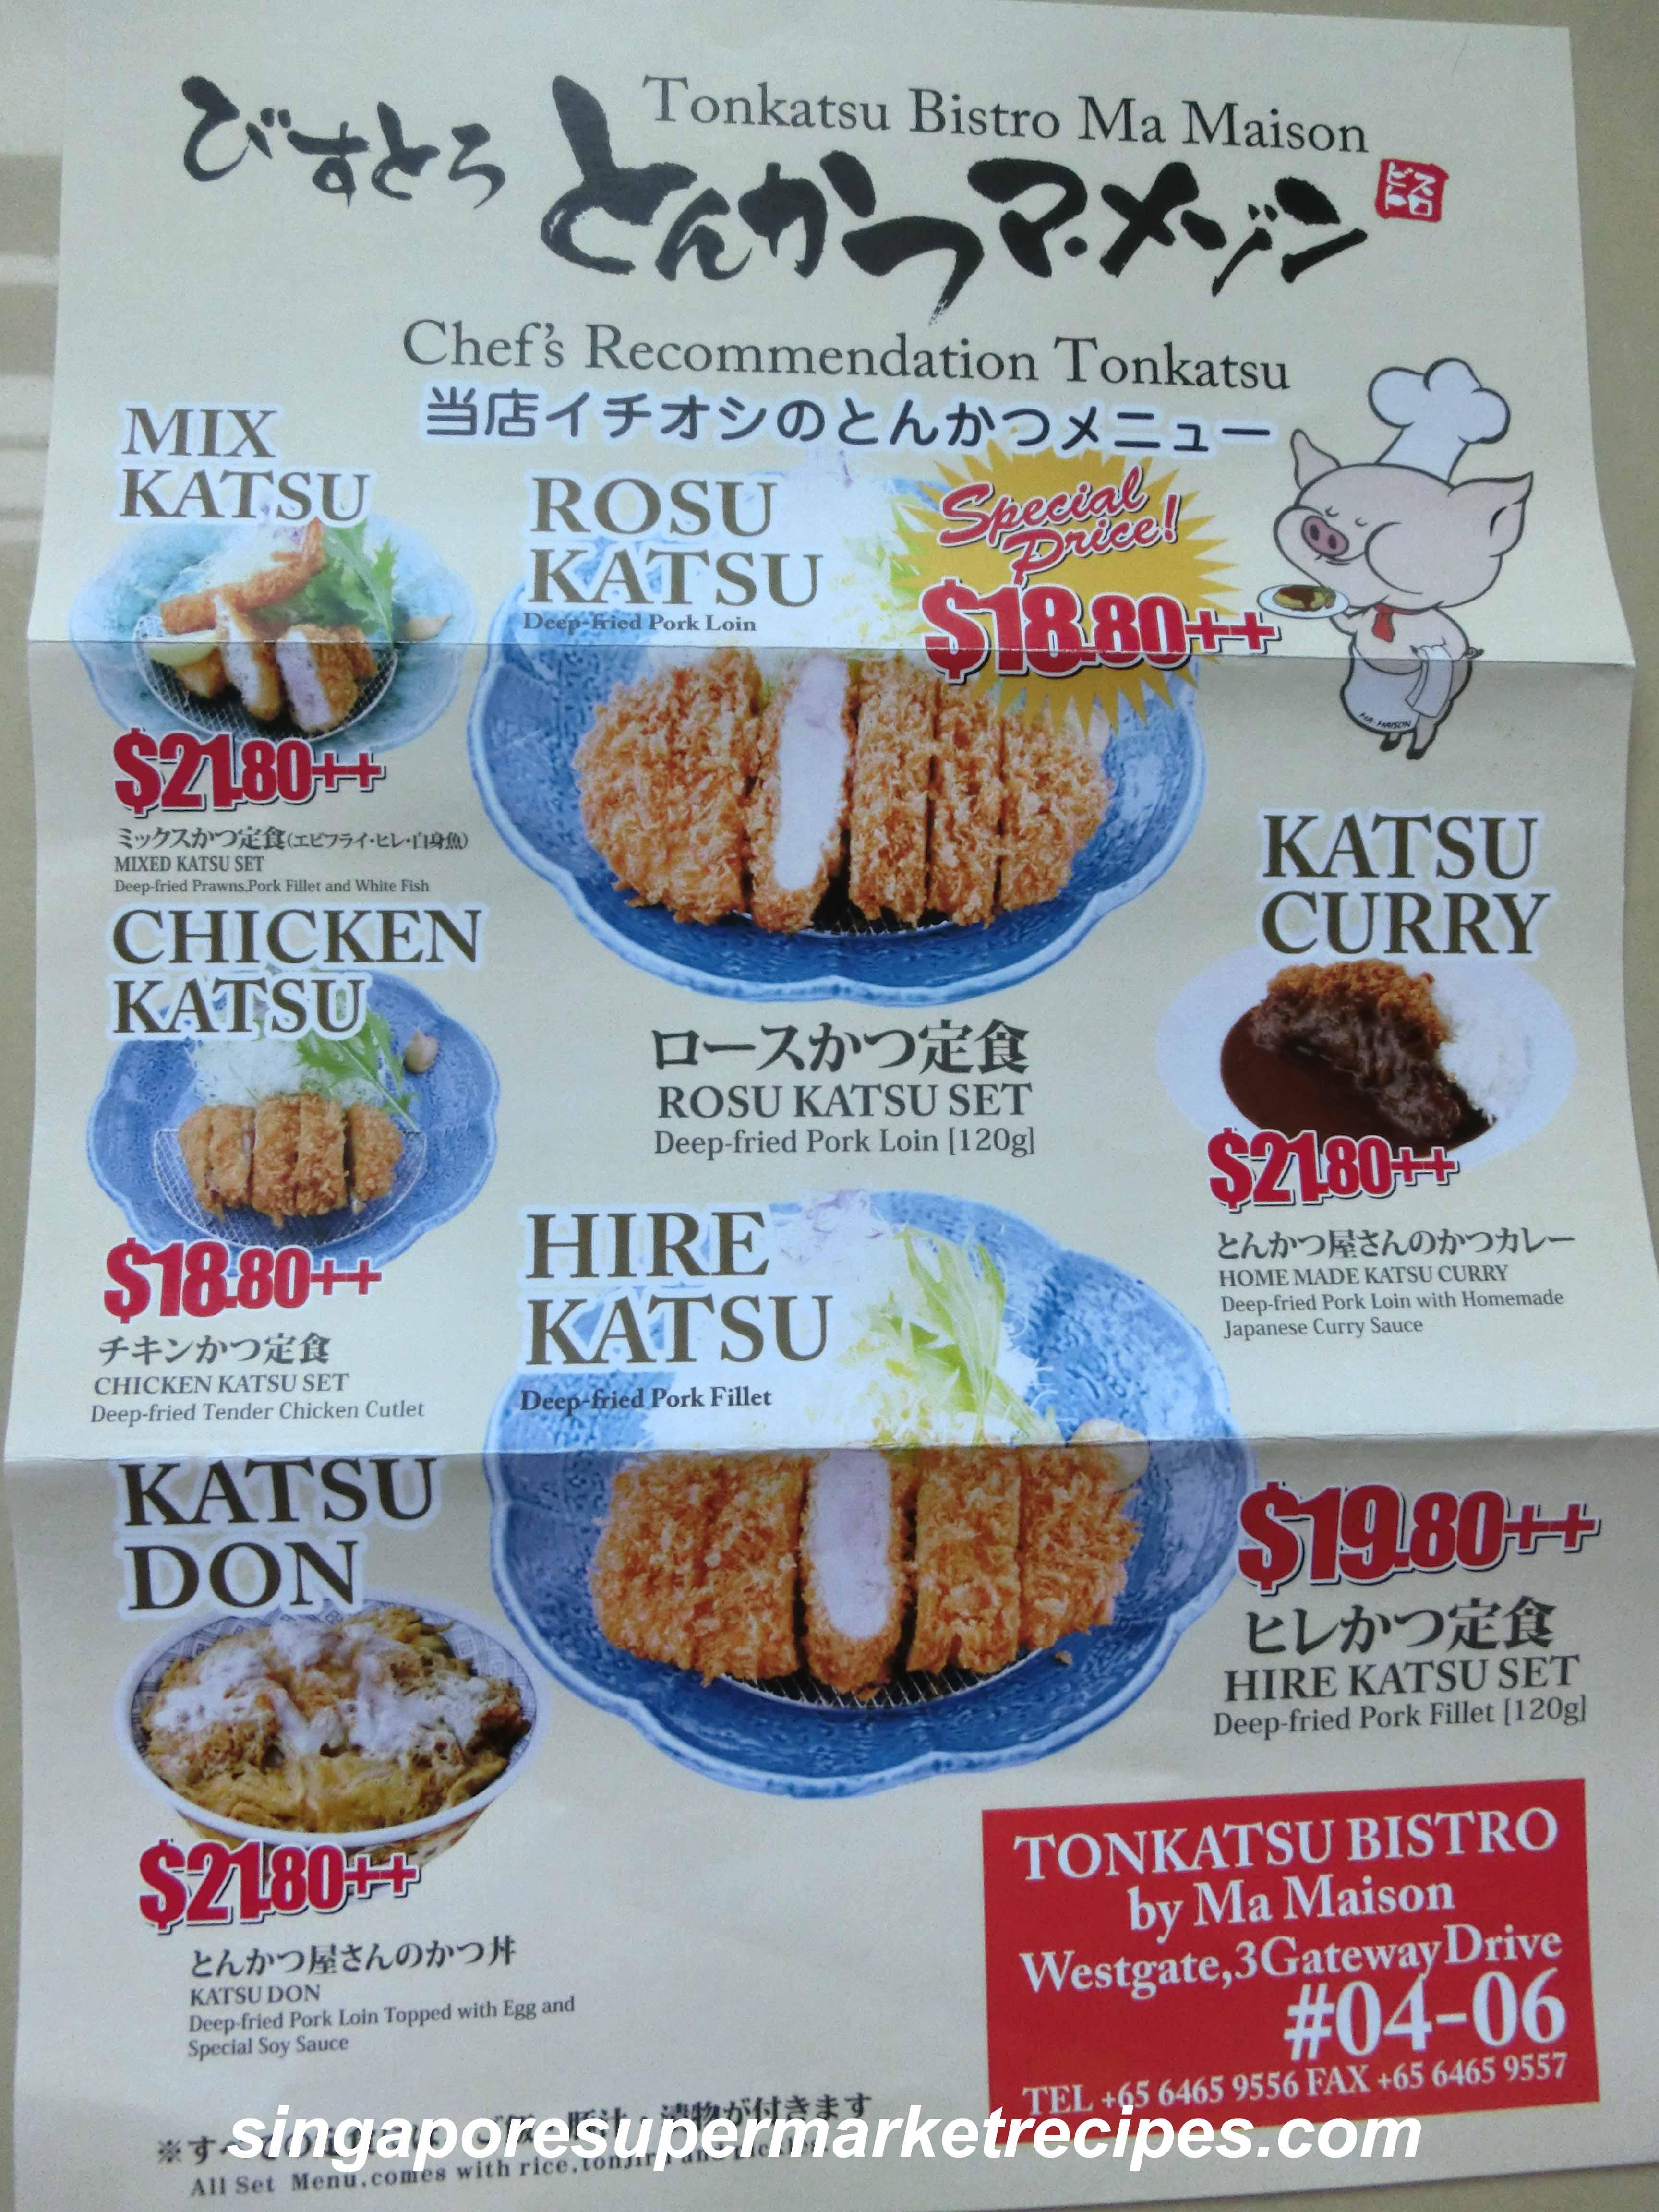 Tonkatsu bistro by ma maison special dining sets for Aloha ma maison singapore